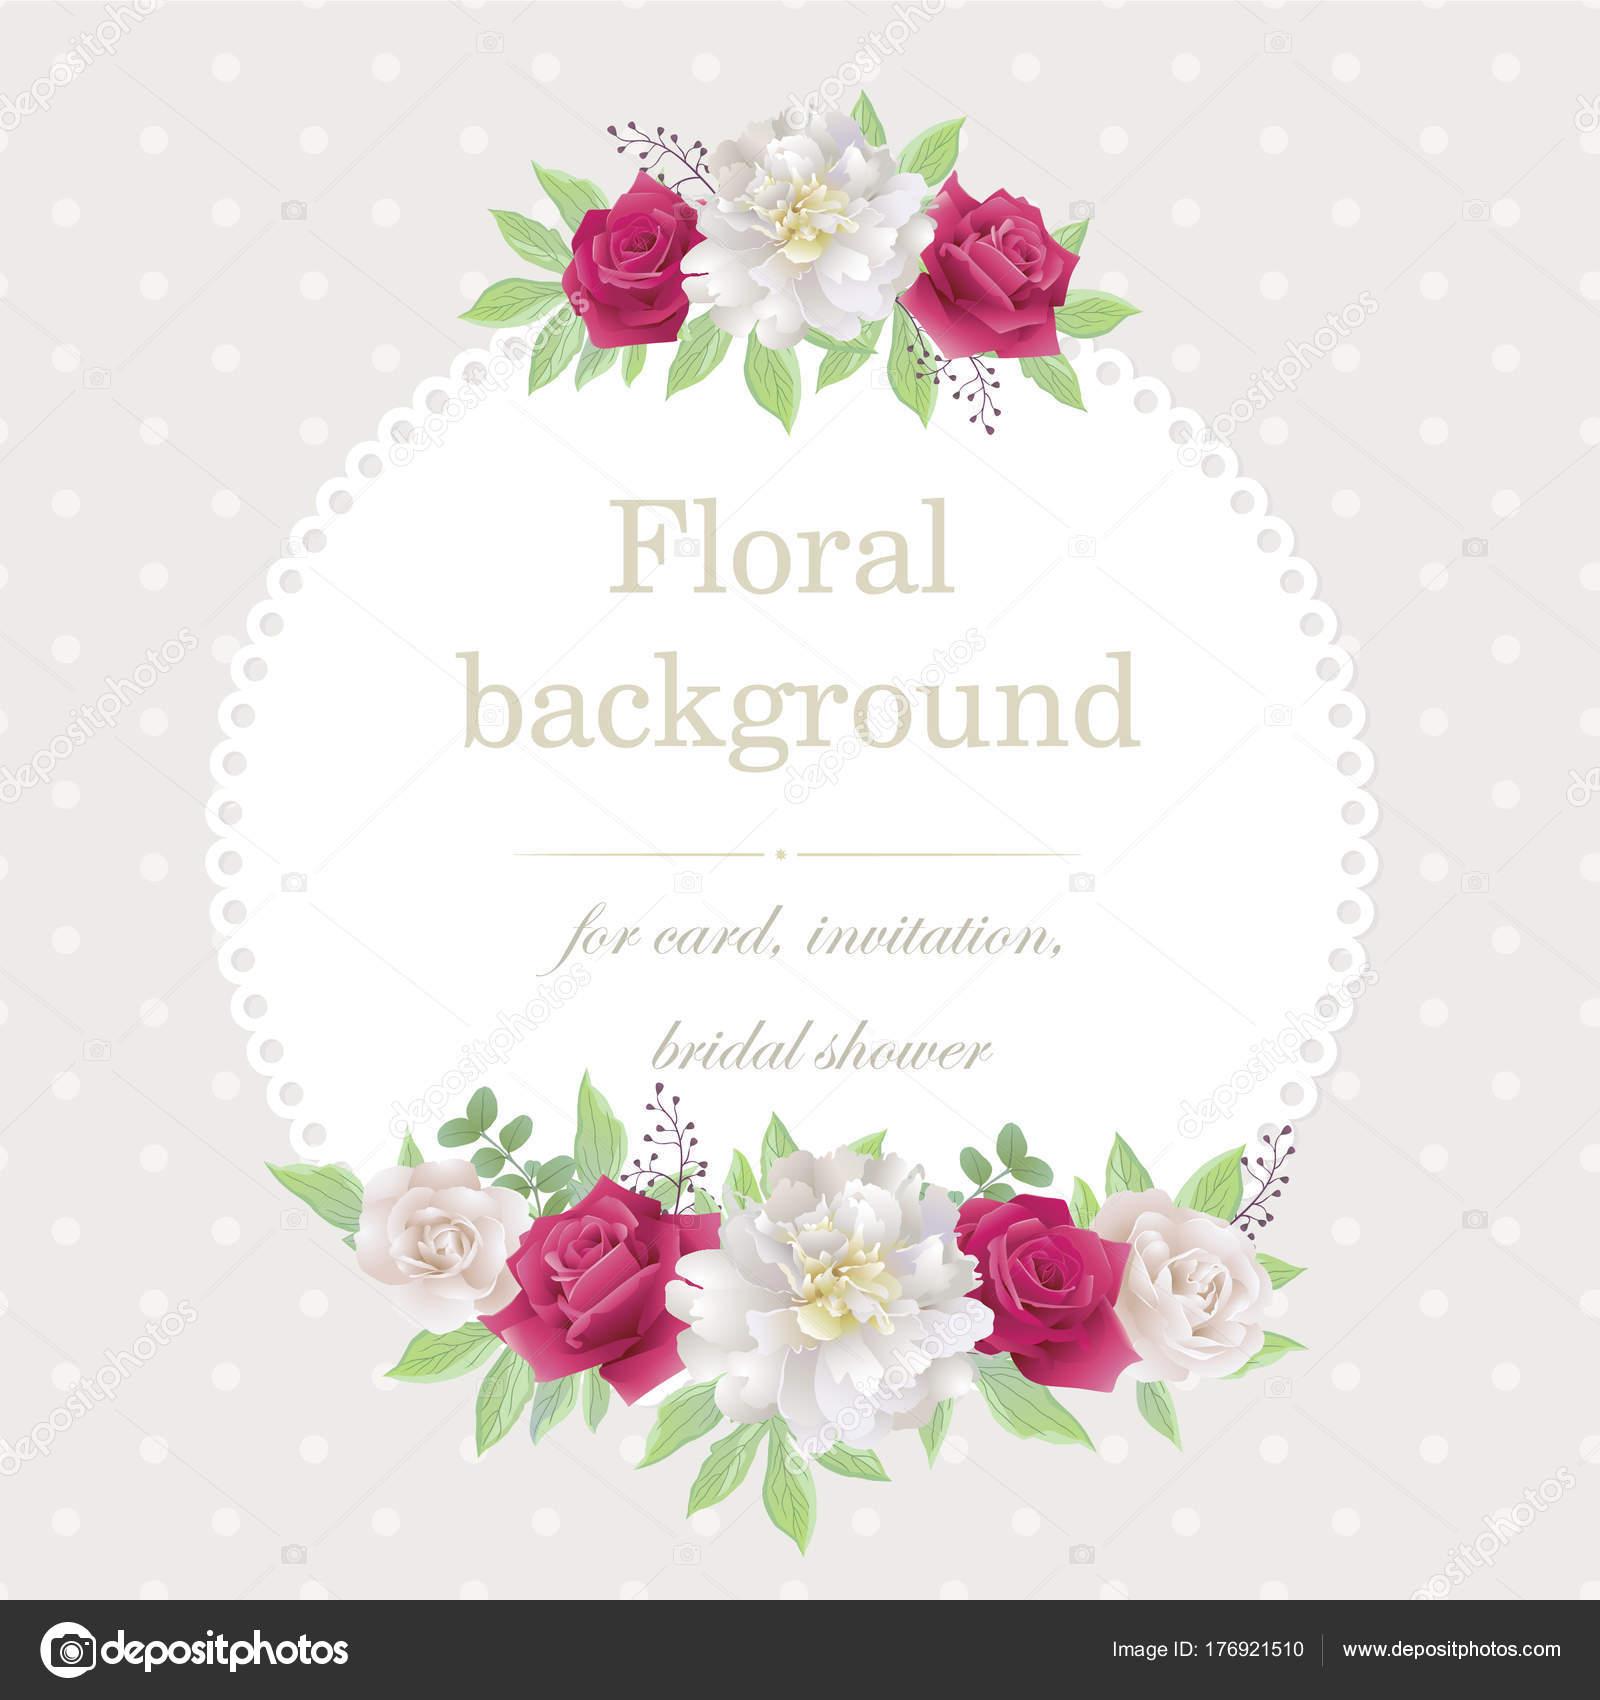 Invitación Romántica Con Rosas Y Peonías Hermosas Rosas Blancas Y